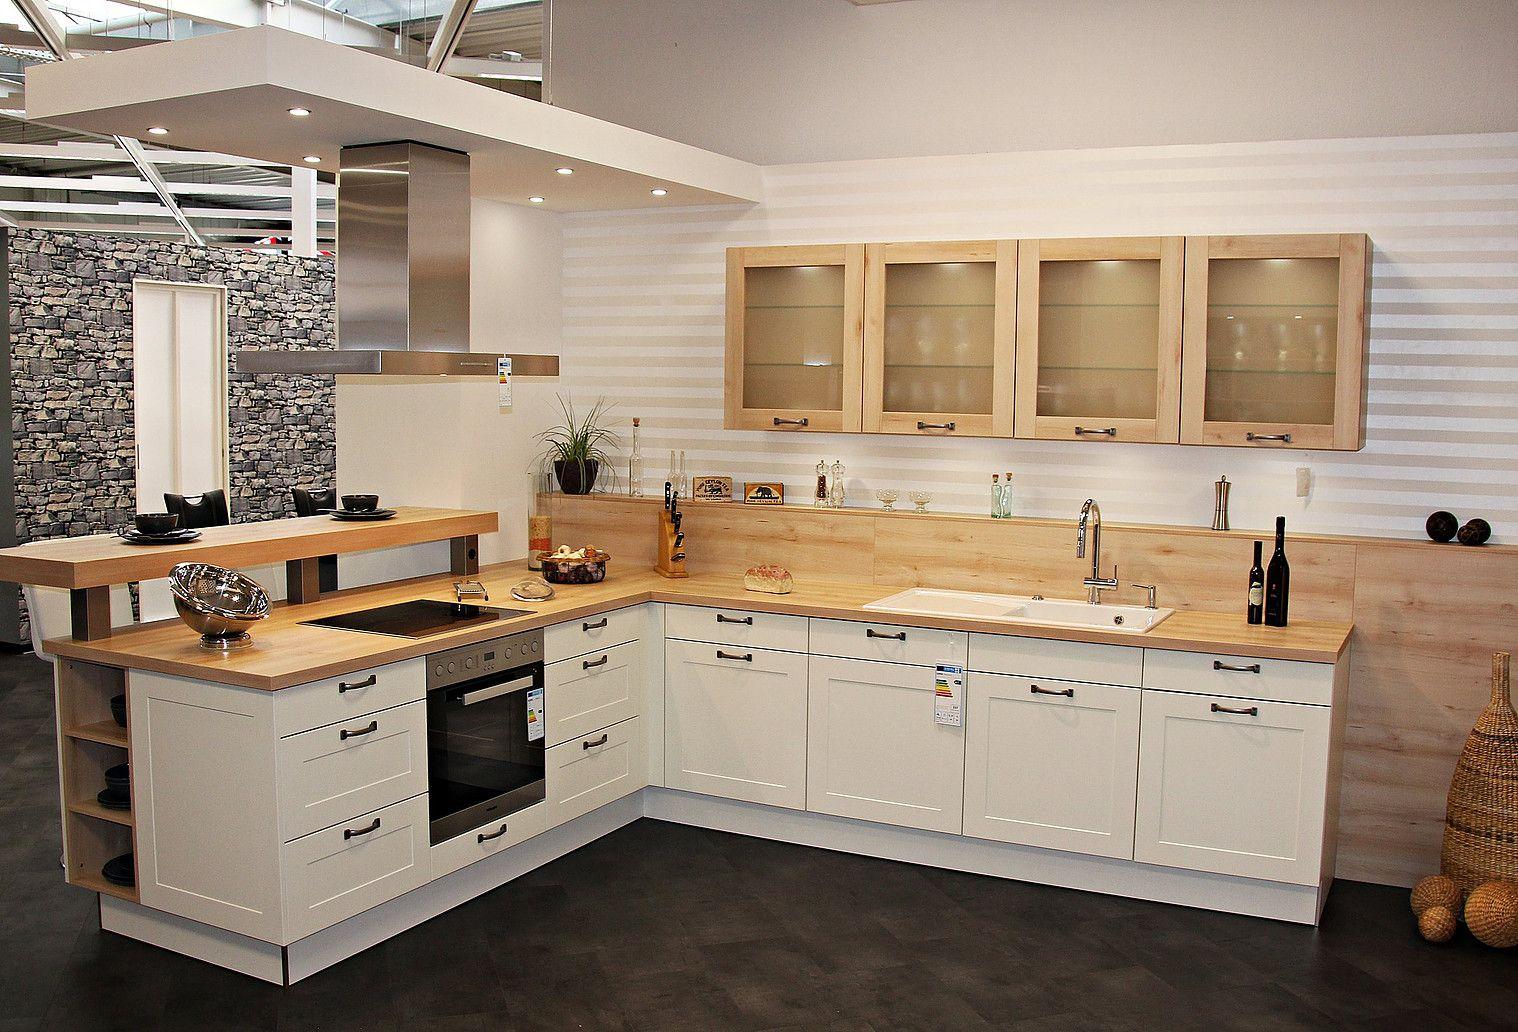 Nett Bq Küchentüren Weiß Glänzend Zeitgenössisch - Küche Set Ideen ...